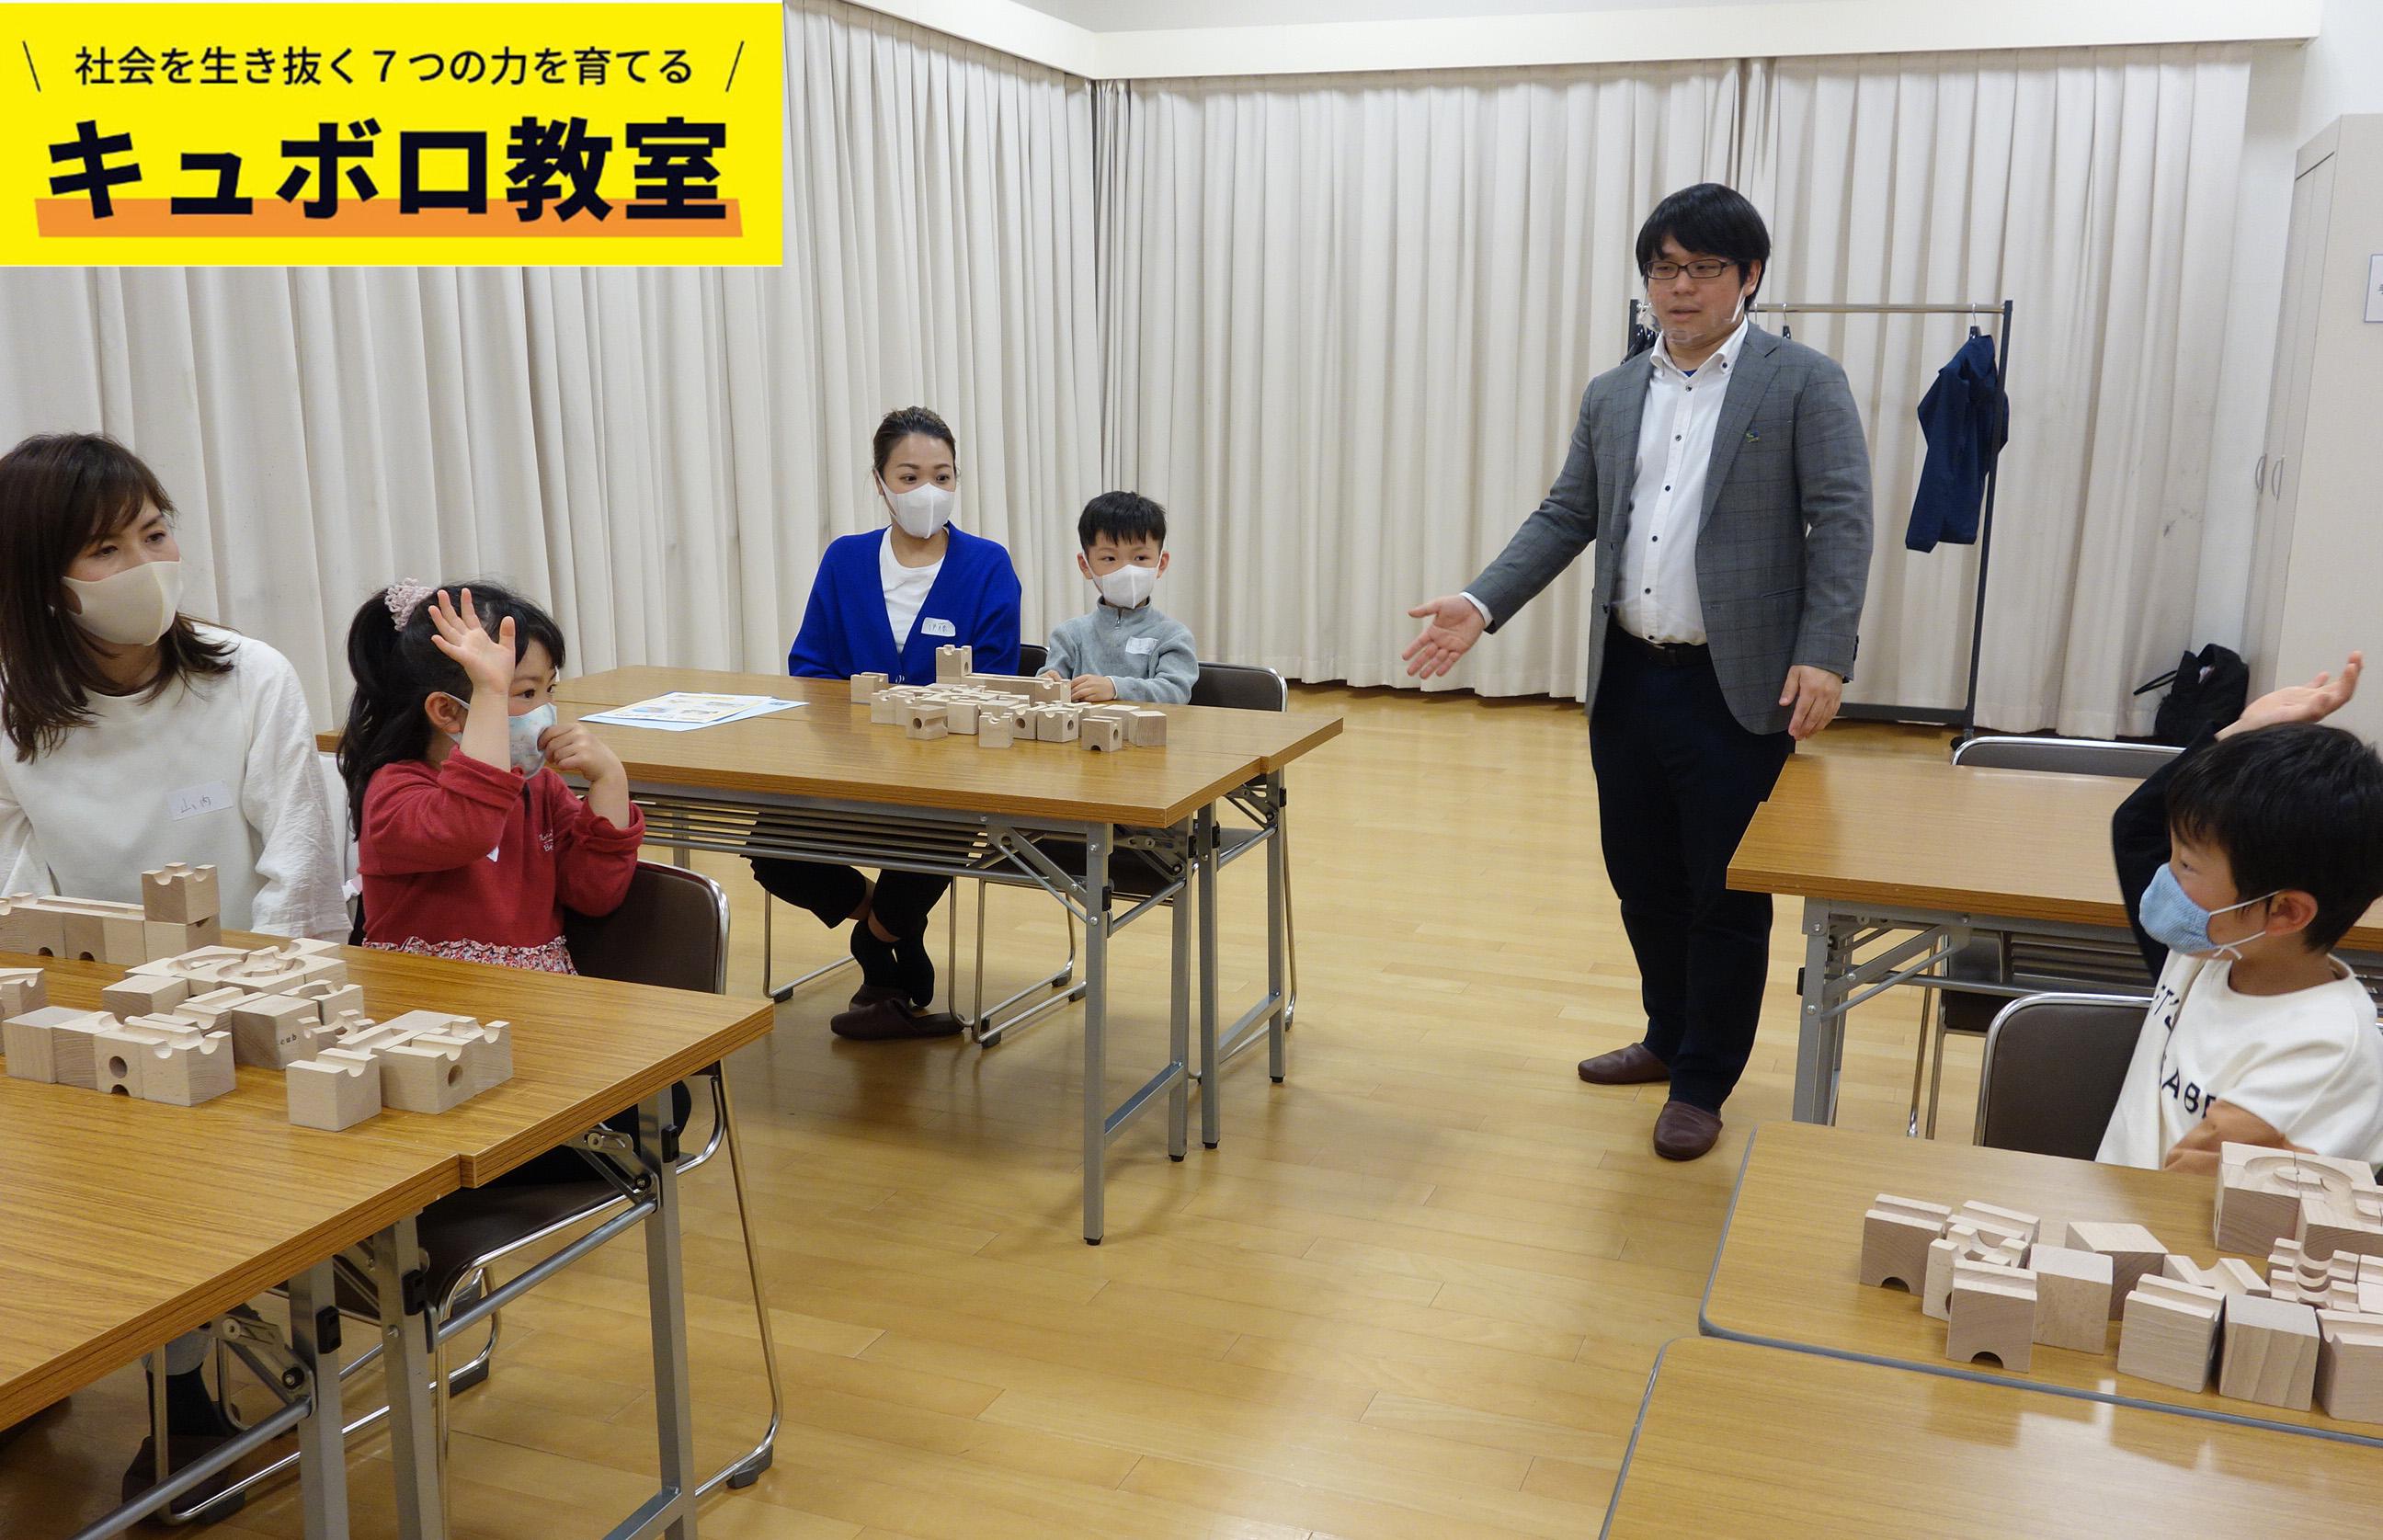 210403キュボロ教室_奈良登美ヶ丘産経学園05